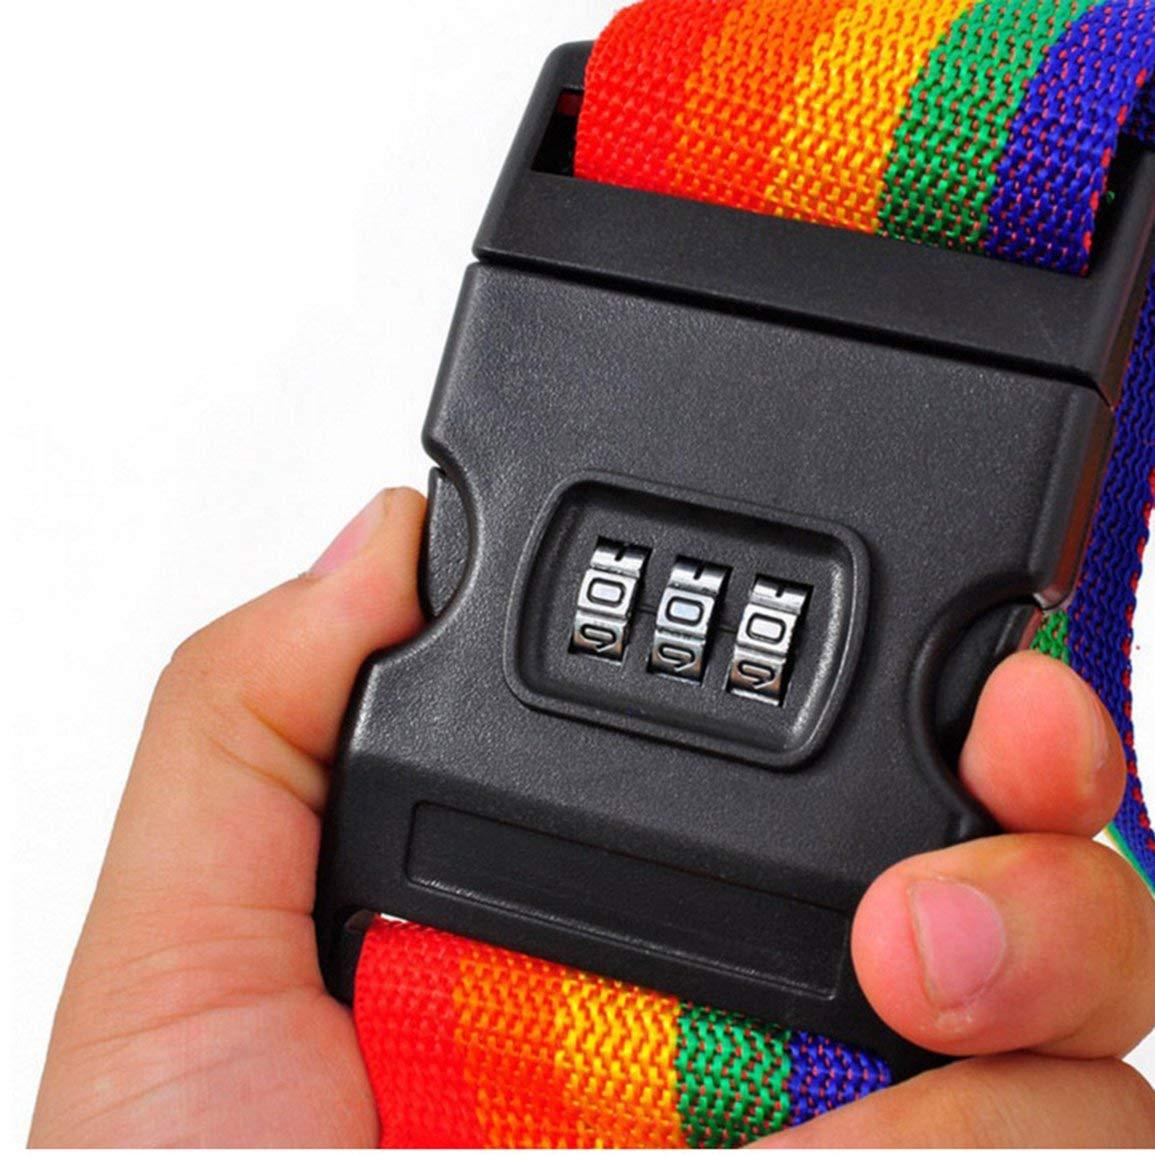 Color: Colorido Garciasia Pr/áctico tama/ño port/átil Equipaje de Viaje al Aire Libre Cintur/ón Correa de Embalaje Maleta Atar Cintur/ón de Seguridad de Seguridad